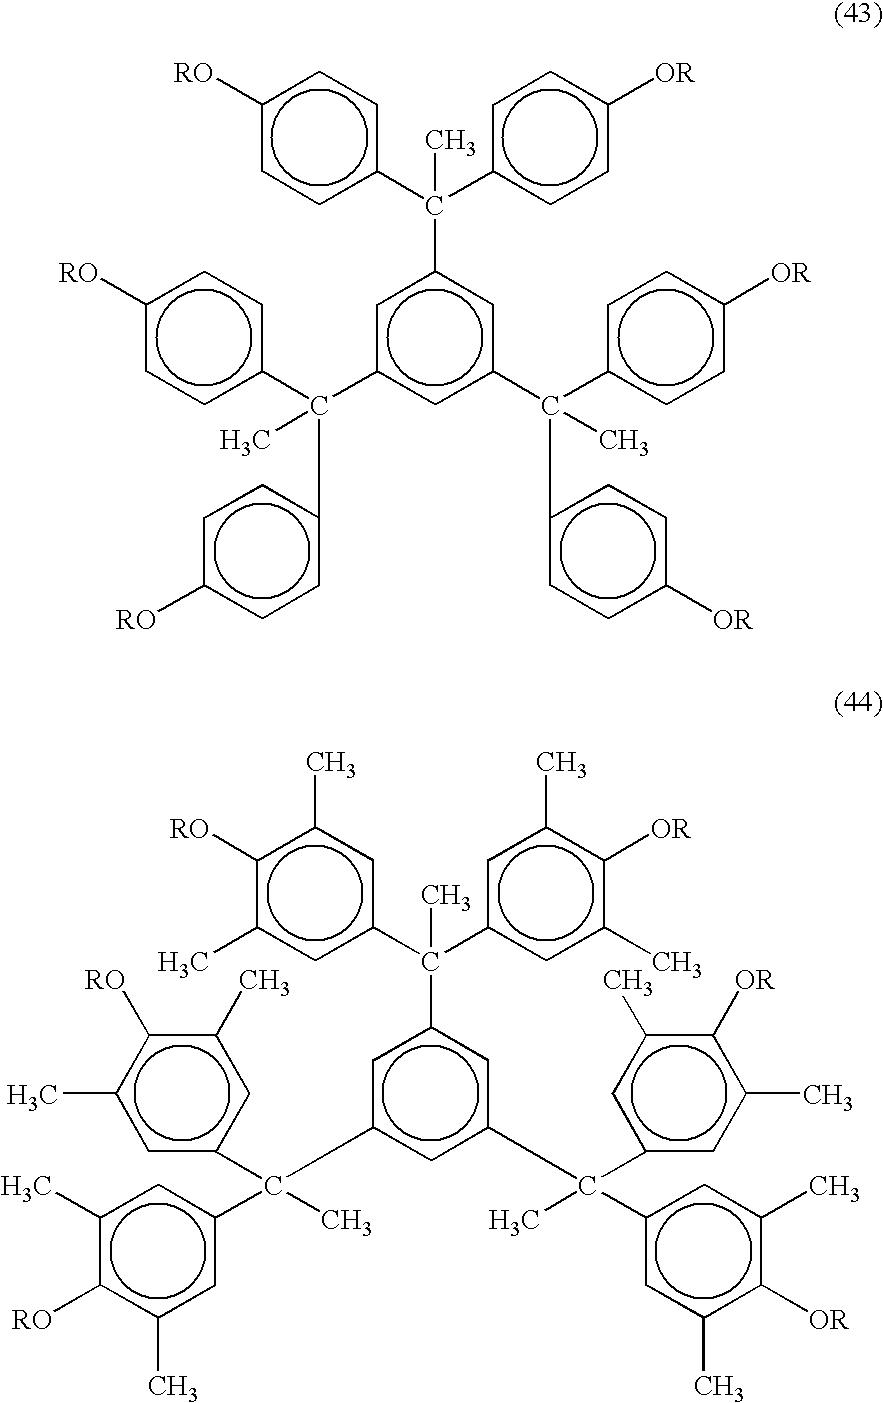 Figure US20070003871A1-20070104-C00090